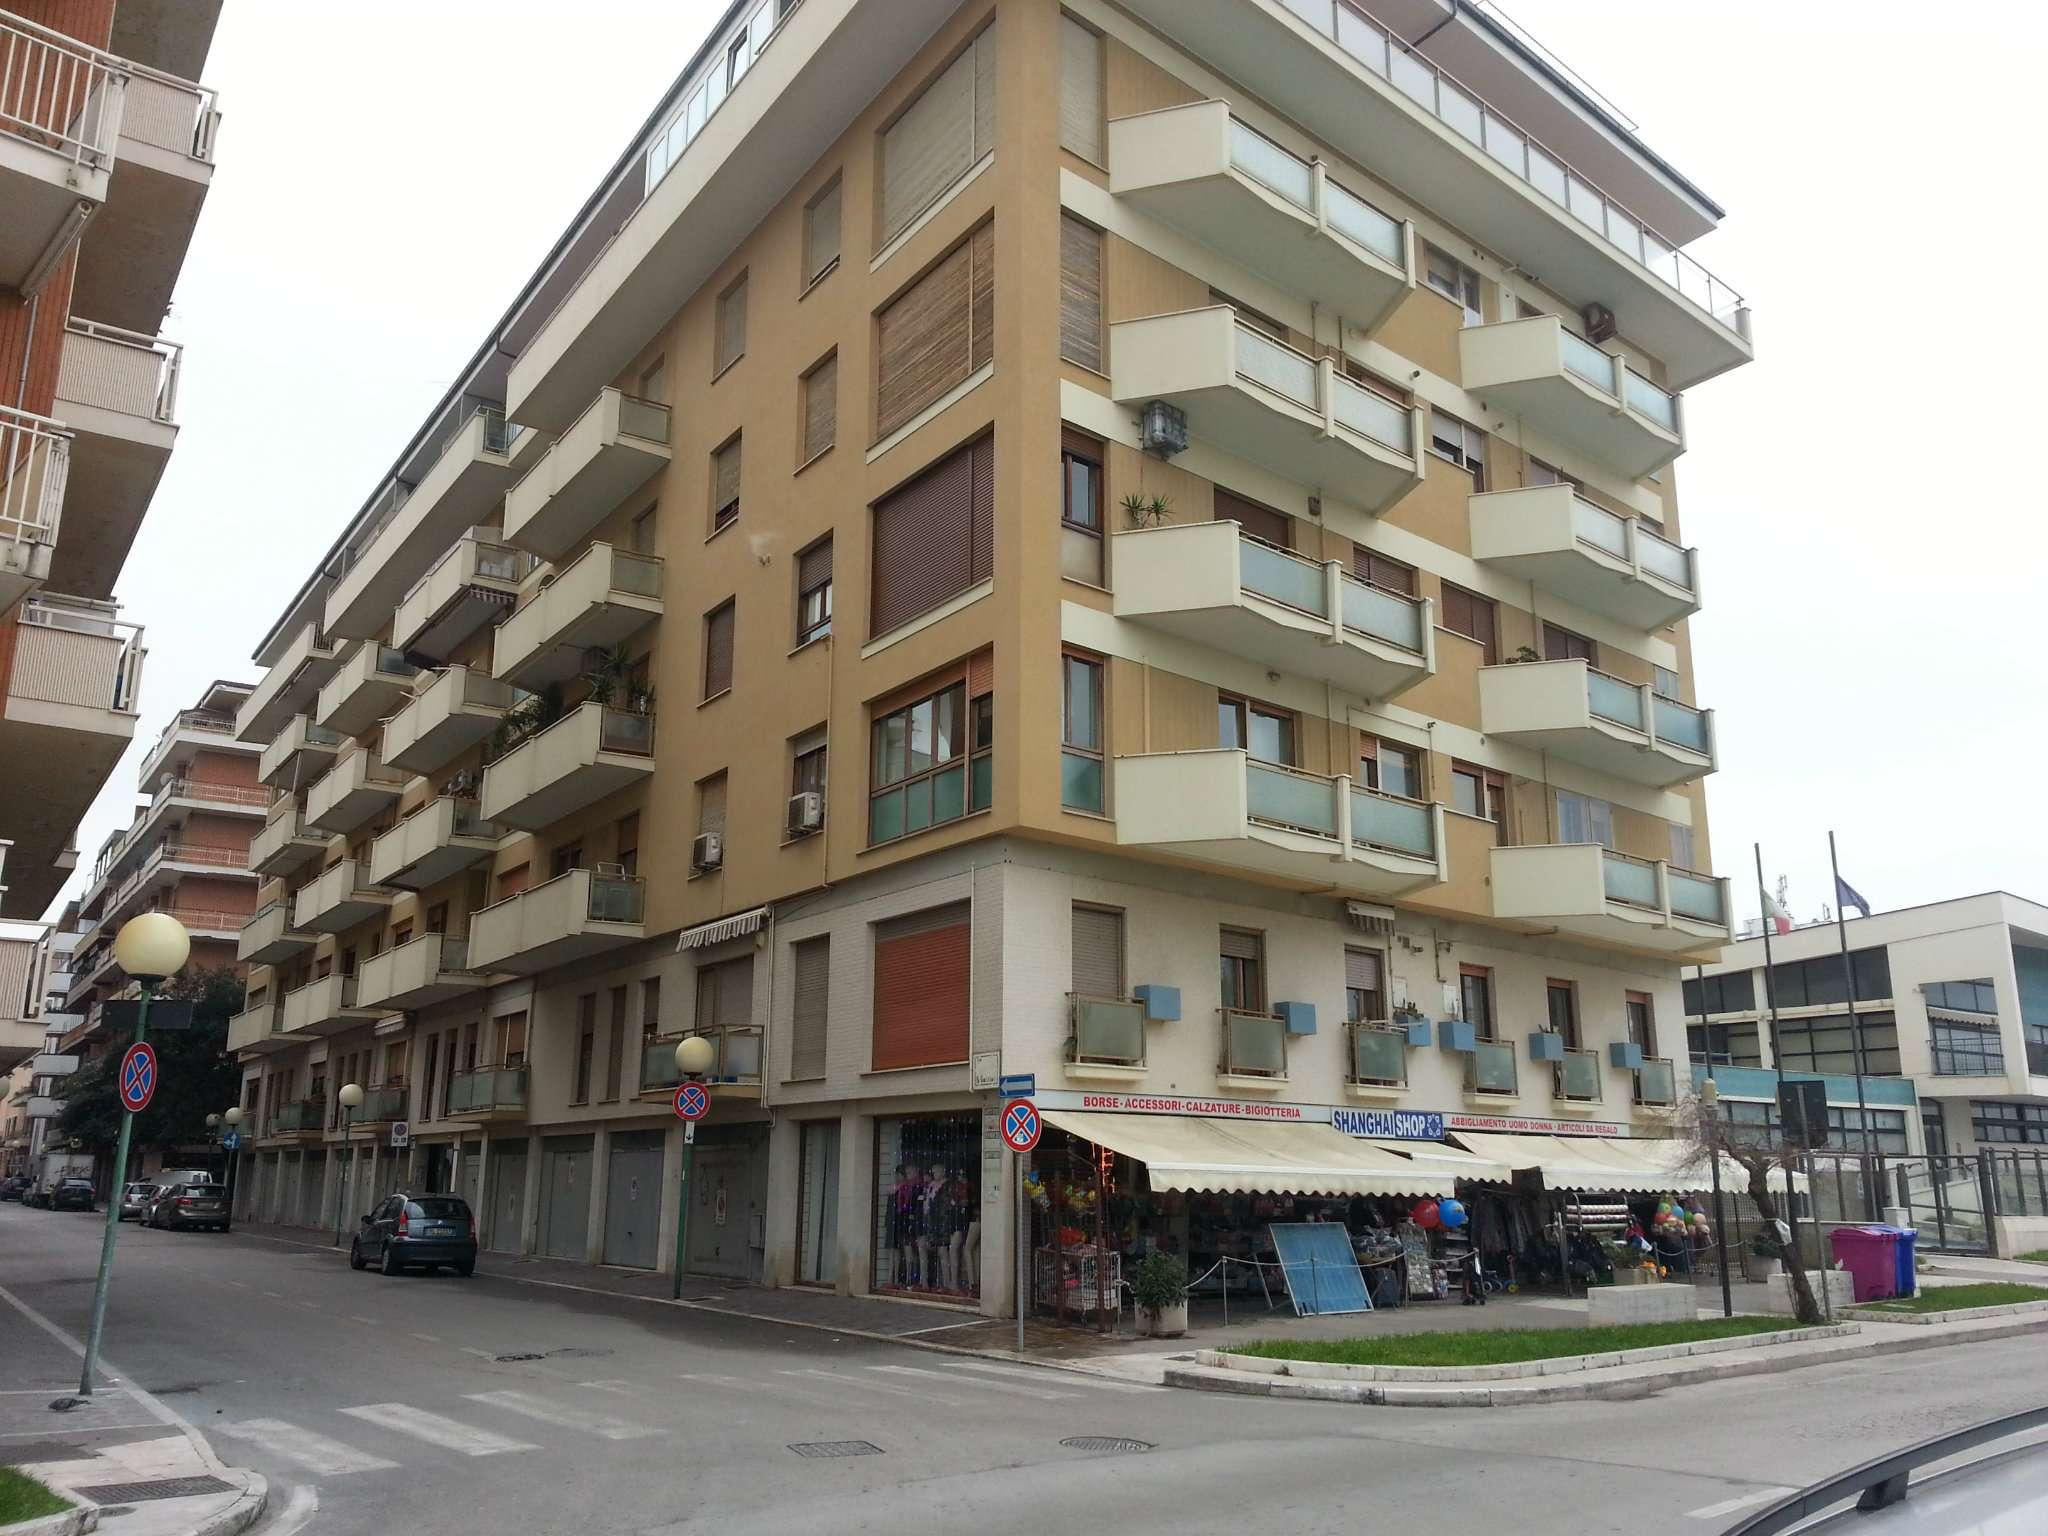 Attico / Mansarda in affitto a Pescara, 7 locali, prezzo € 1.200 | Cambio Casa.it